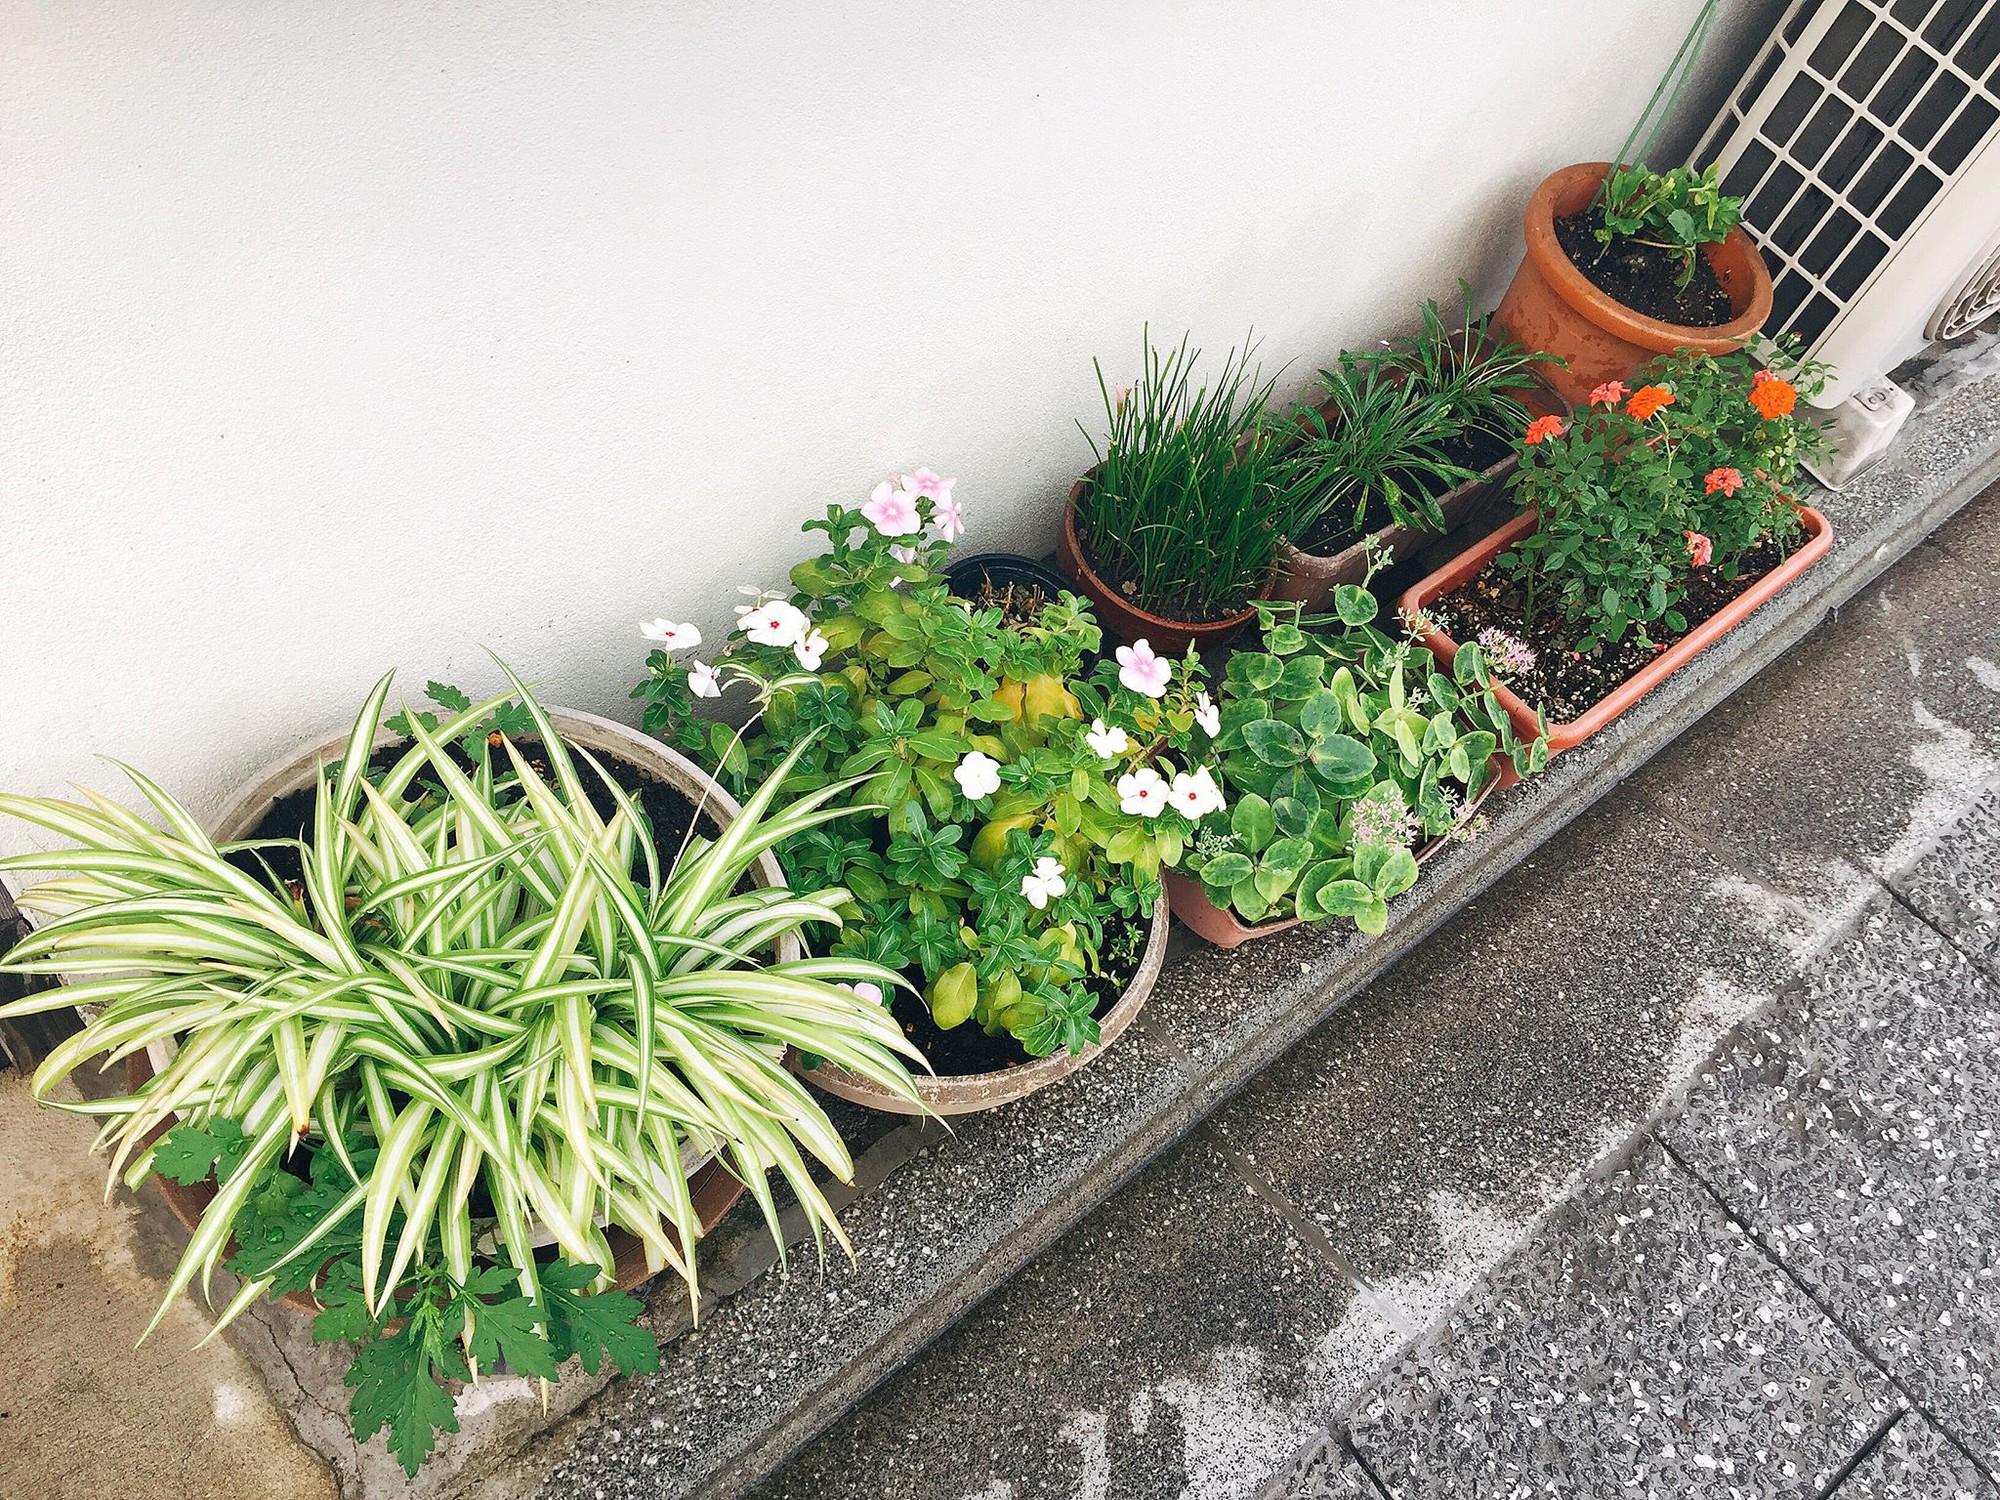 Chia sẻ của du học sinh Việt tại Nhật: Rau xanh là thứ đắt nhất và thứ gây nhớ nhung nhất là cơm nhà - Ảnh 15.